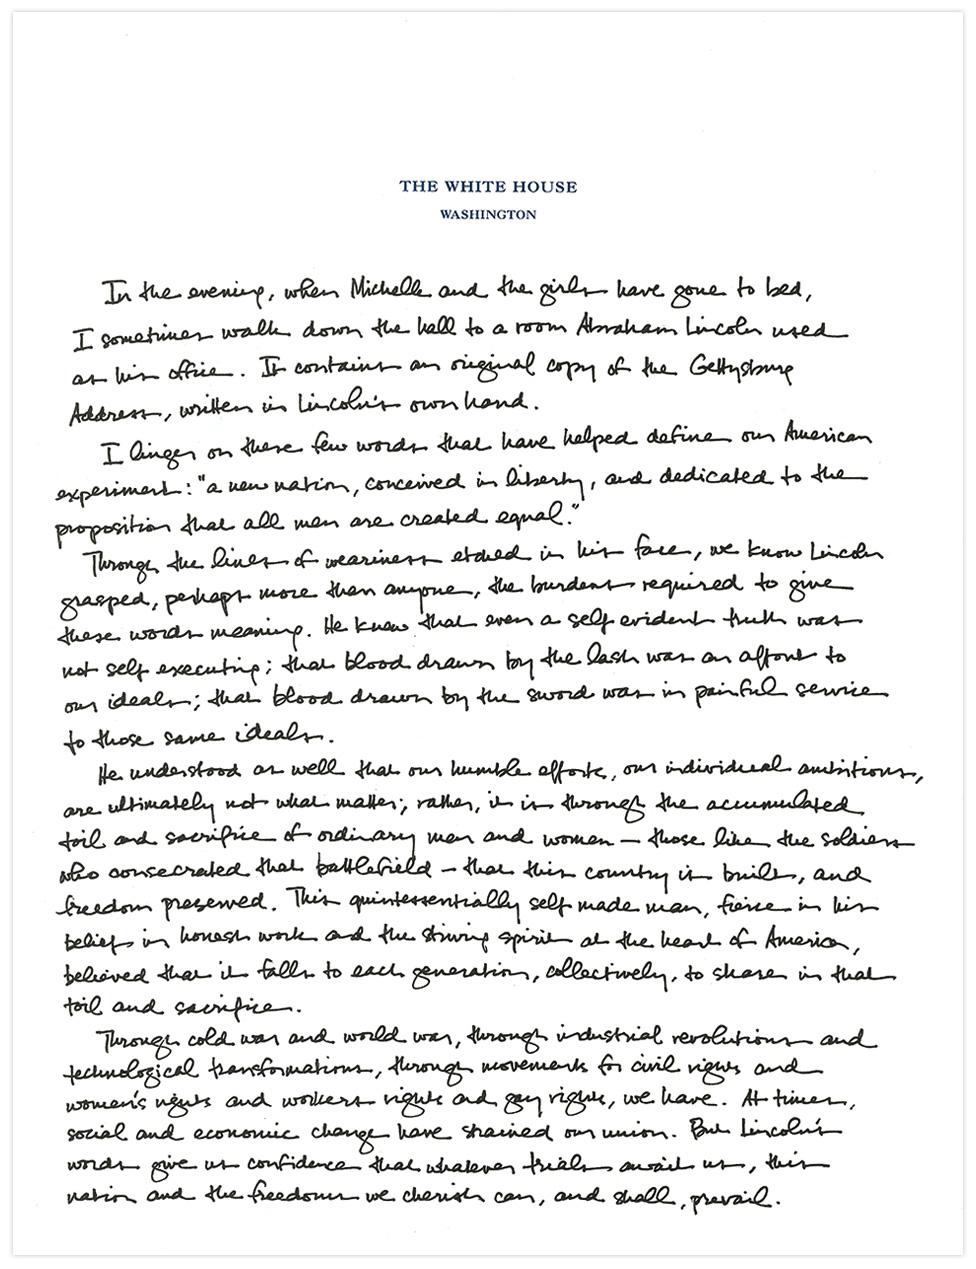 Letter Written Vice President